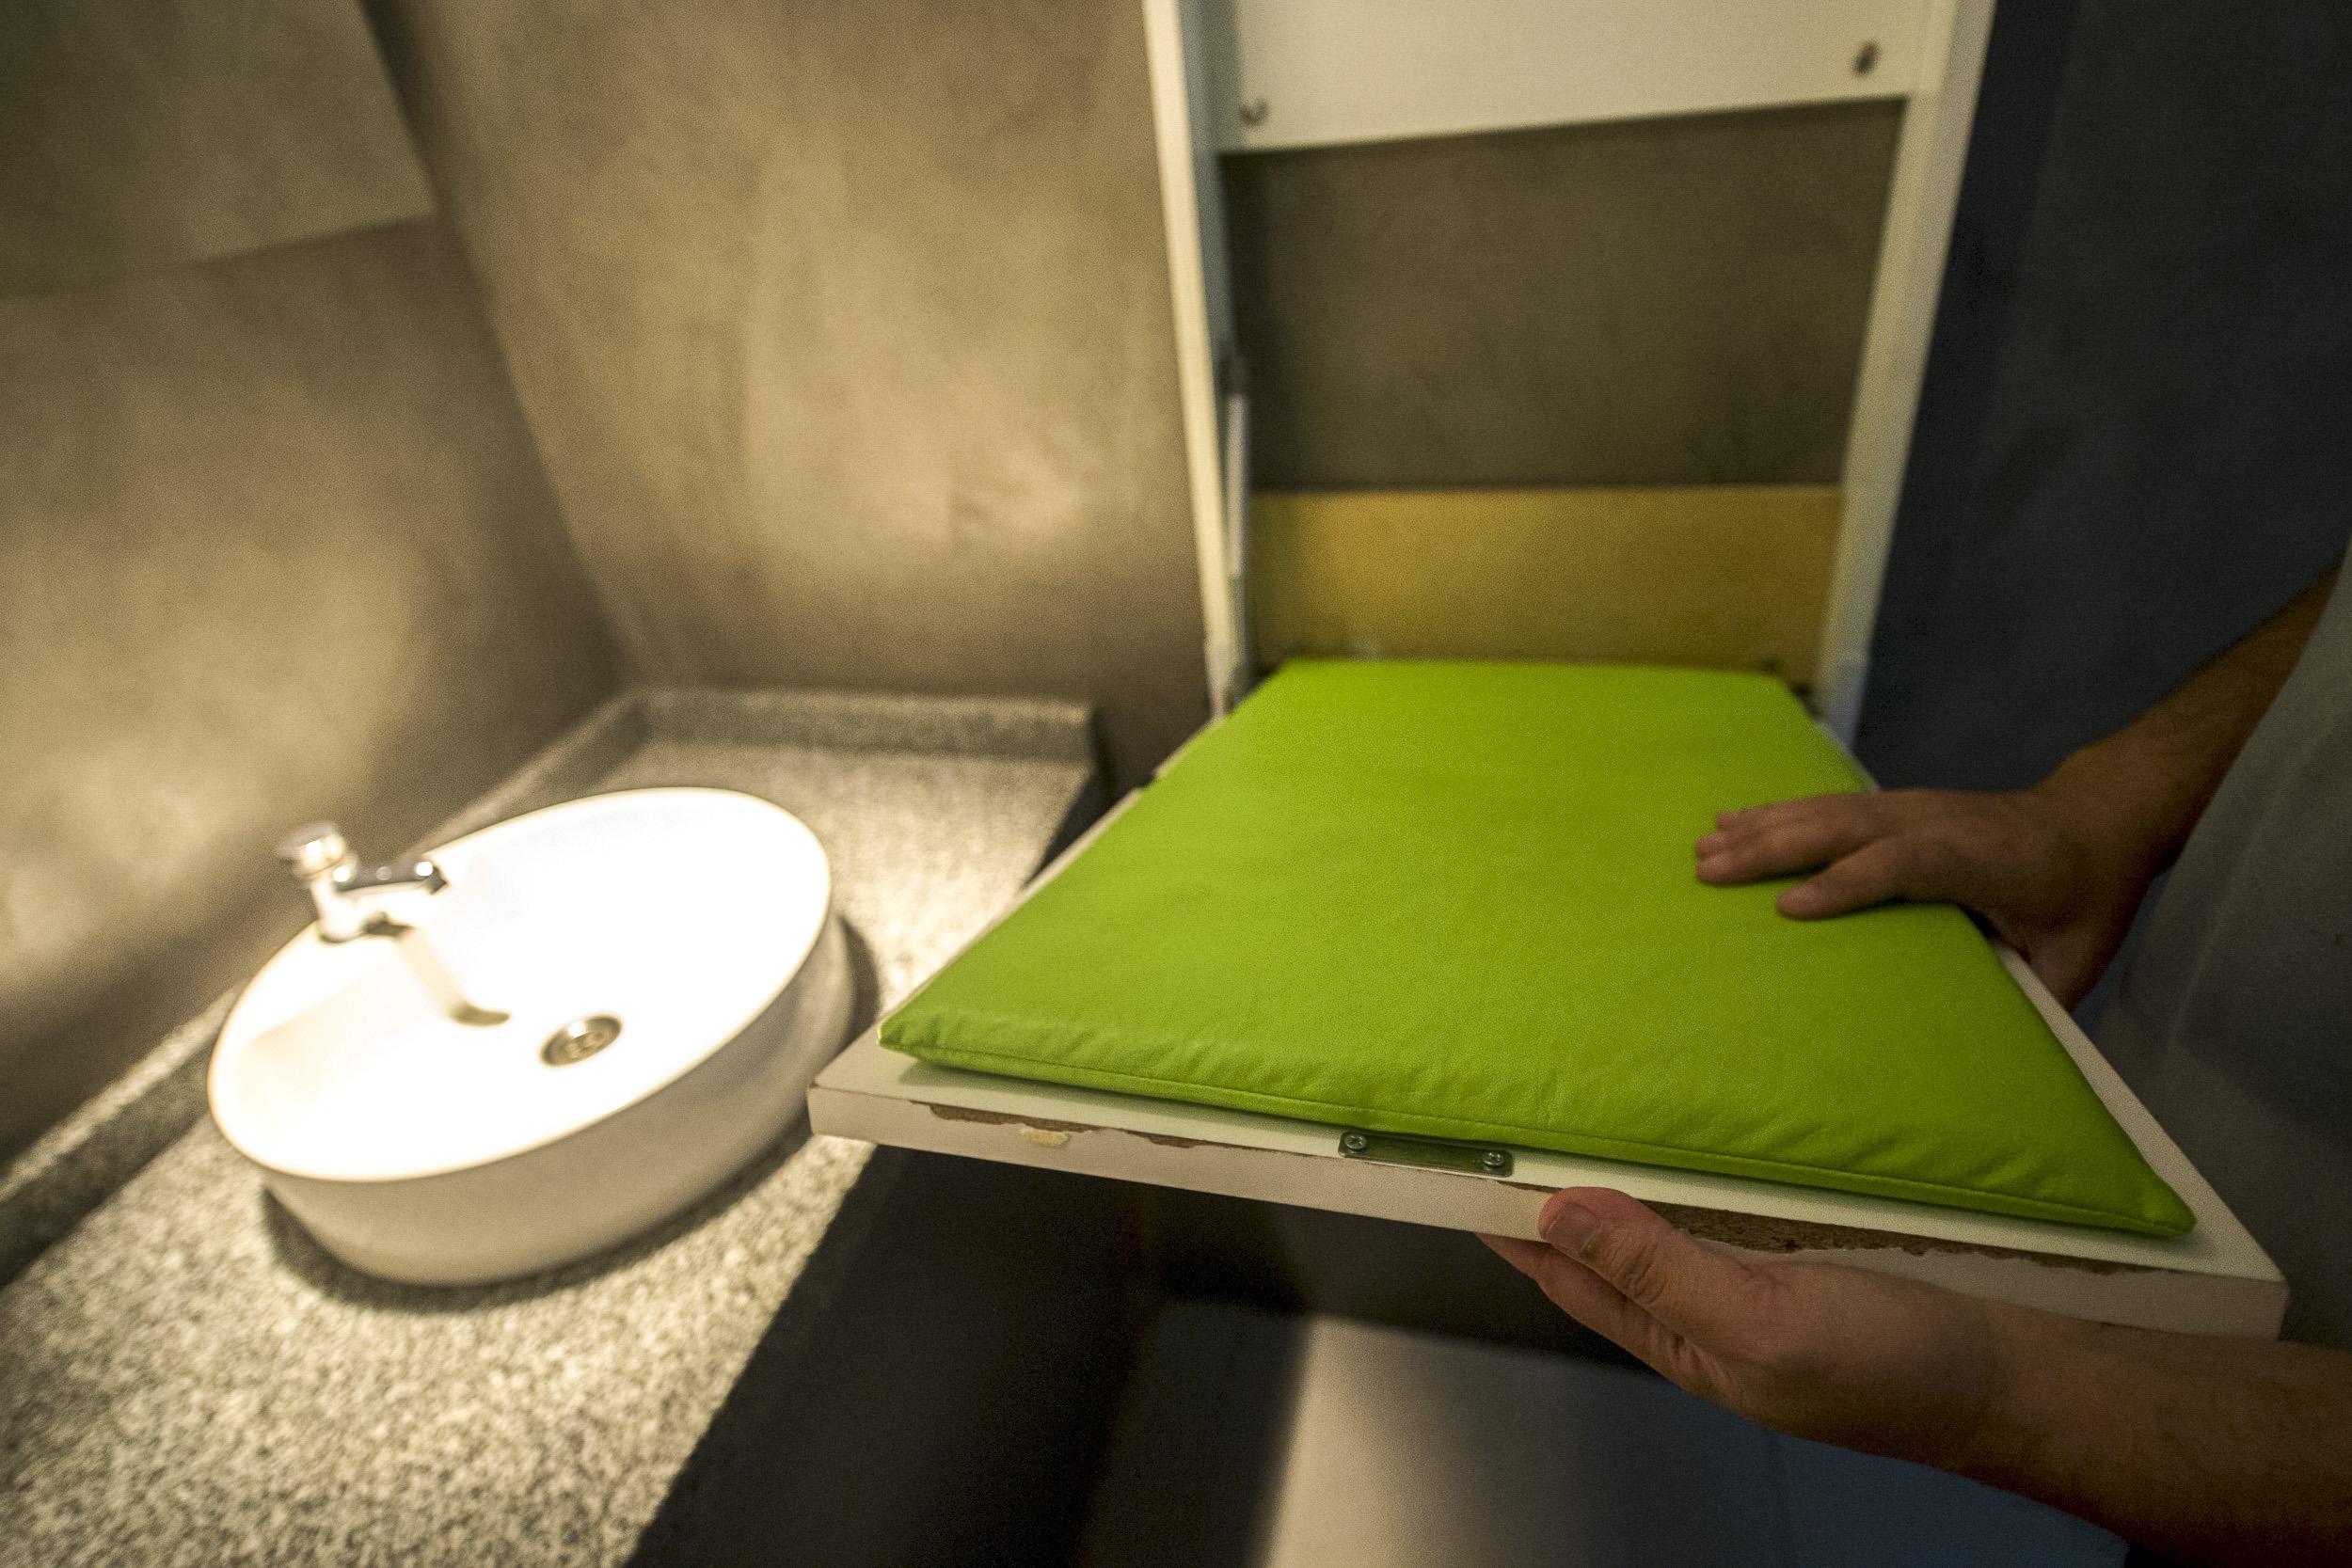 469fd7a00135 Baños públicos: cuáles son los derechos de los usuarios – Defensa ...